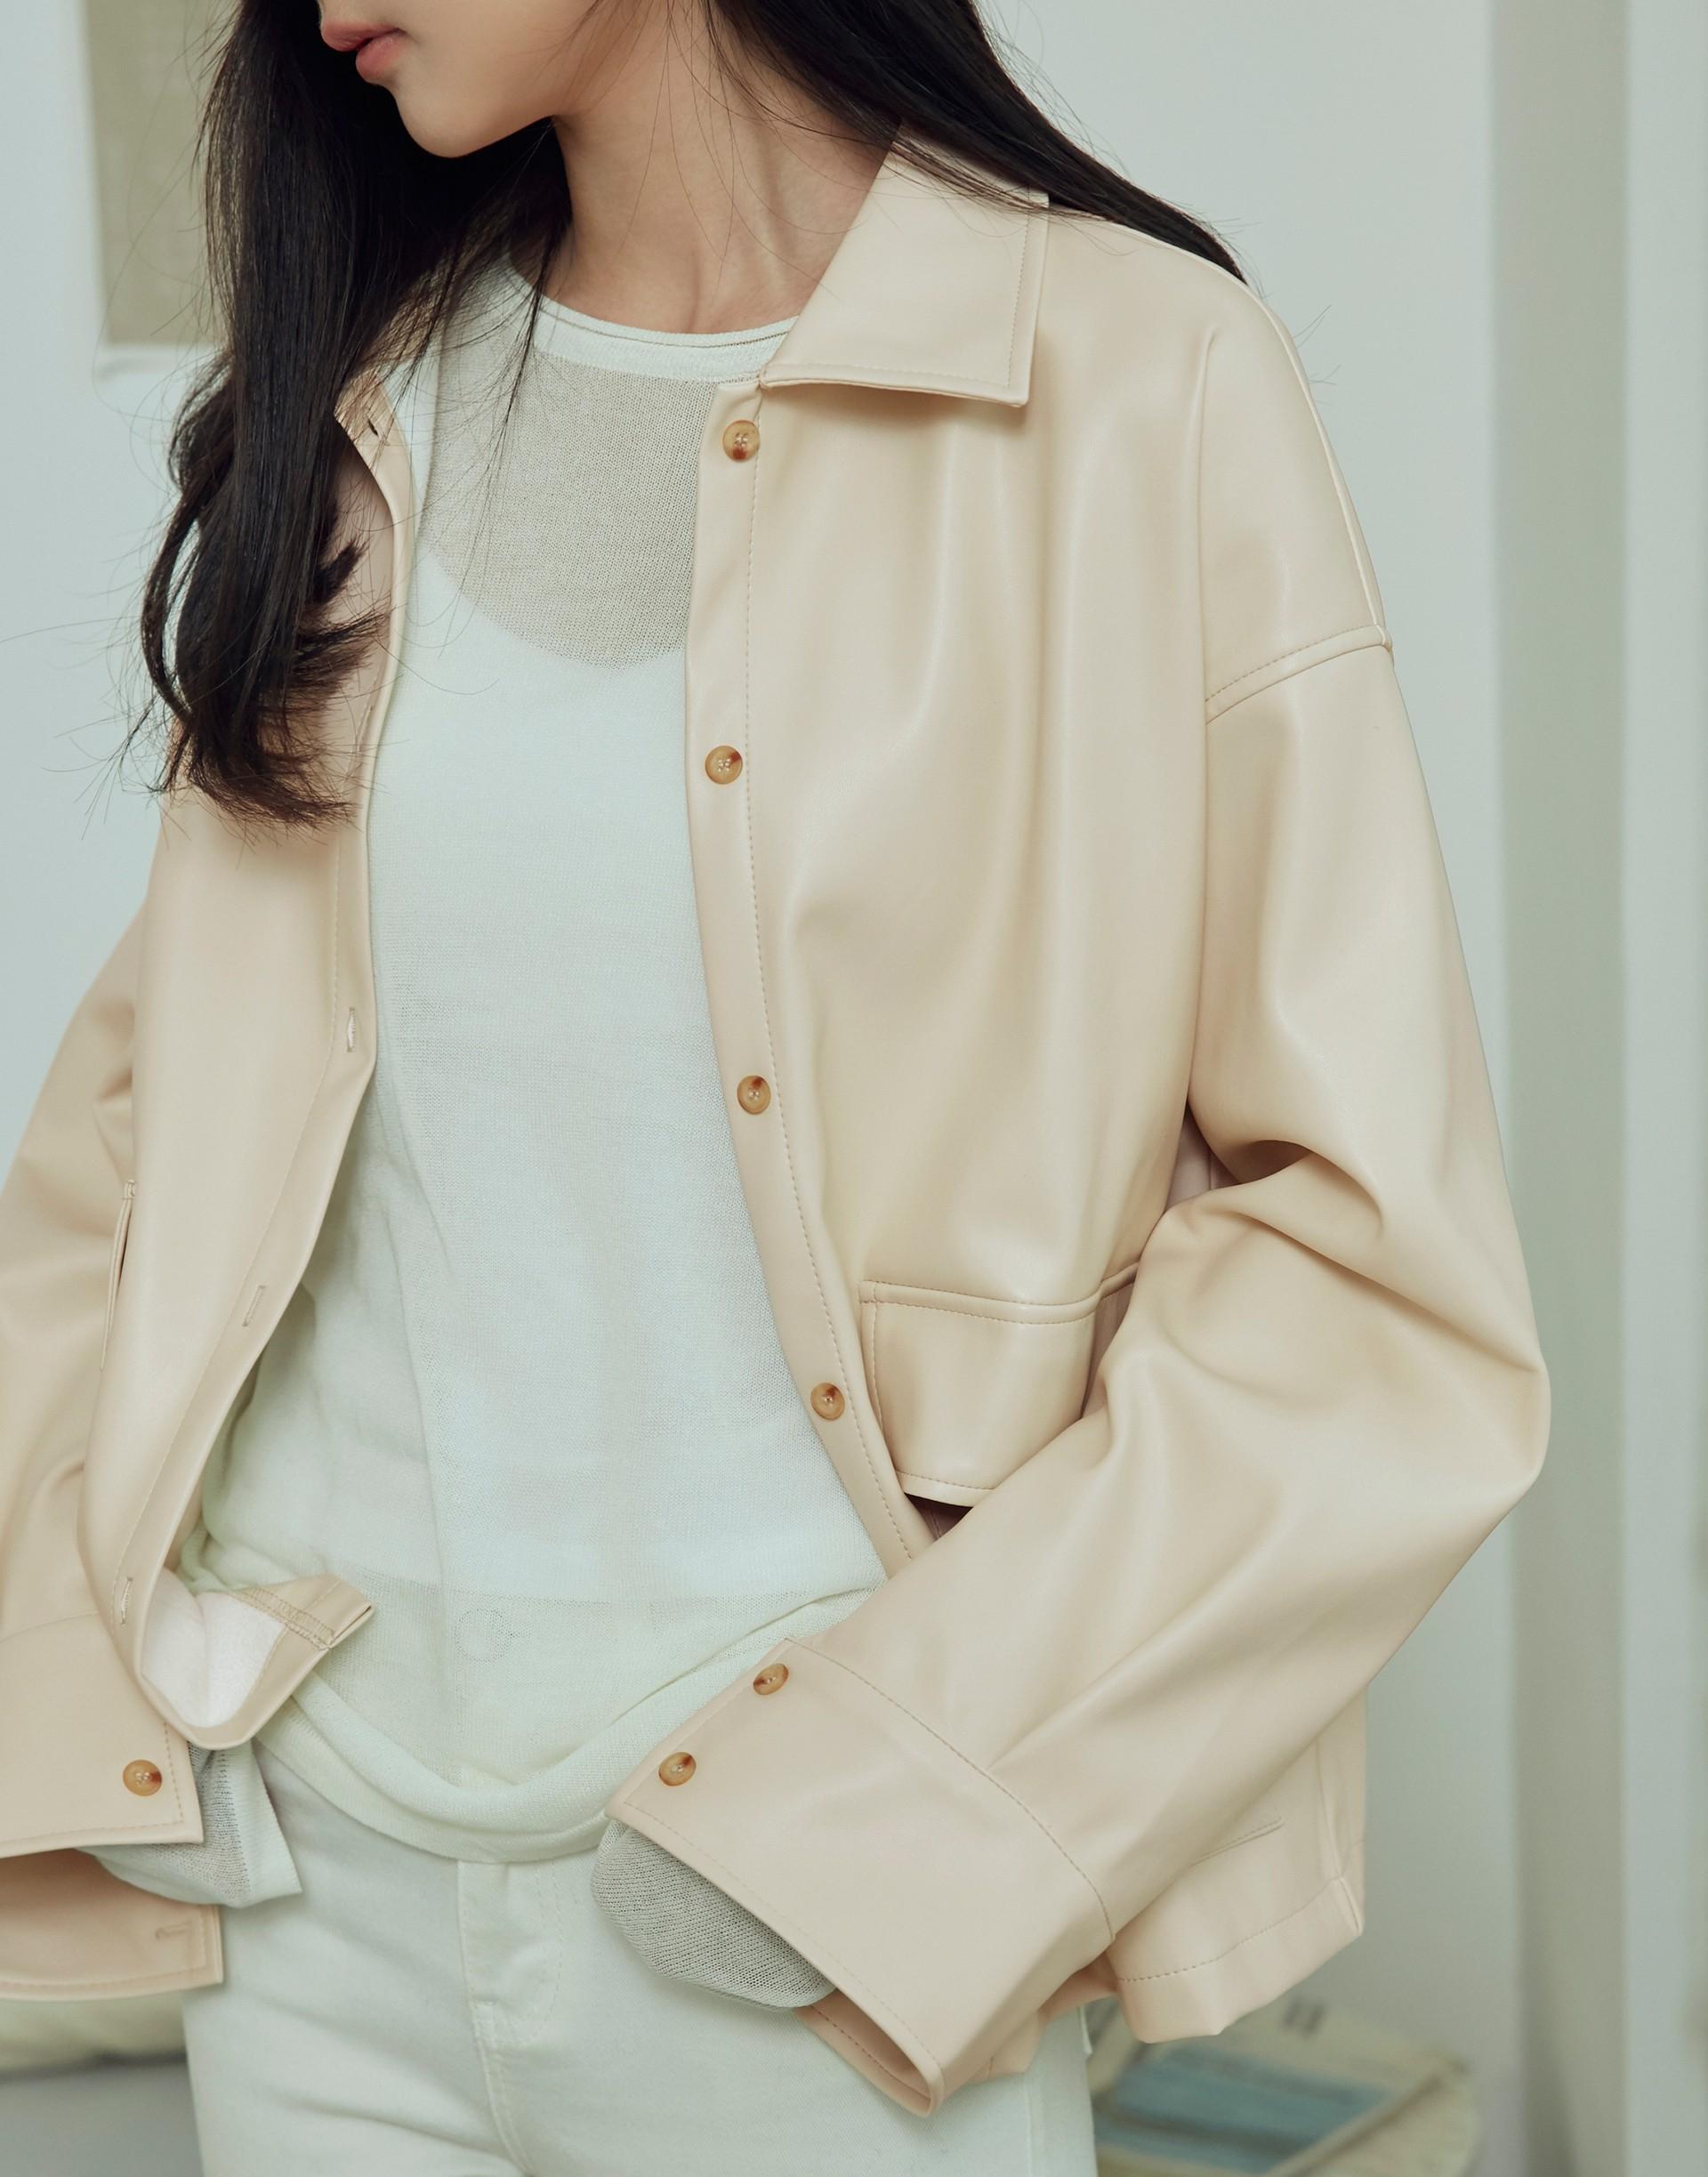 設計感口袋皮革外套襯衫-女-Genquo